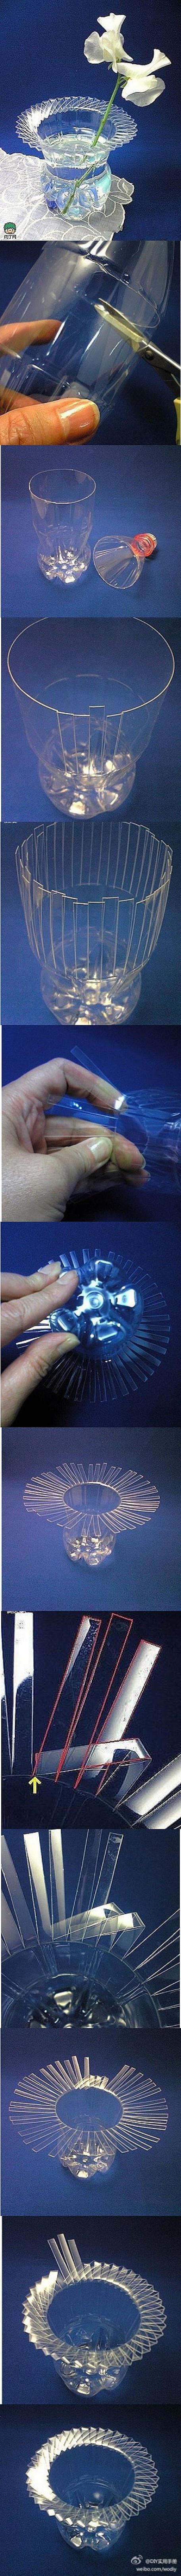 Knutselen | Geweldige manier om een oude plastic fles te gebruiken Door elscc13